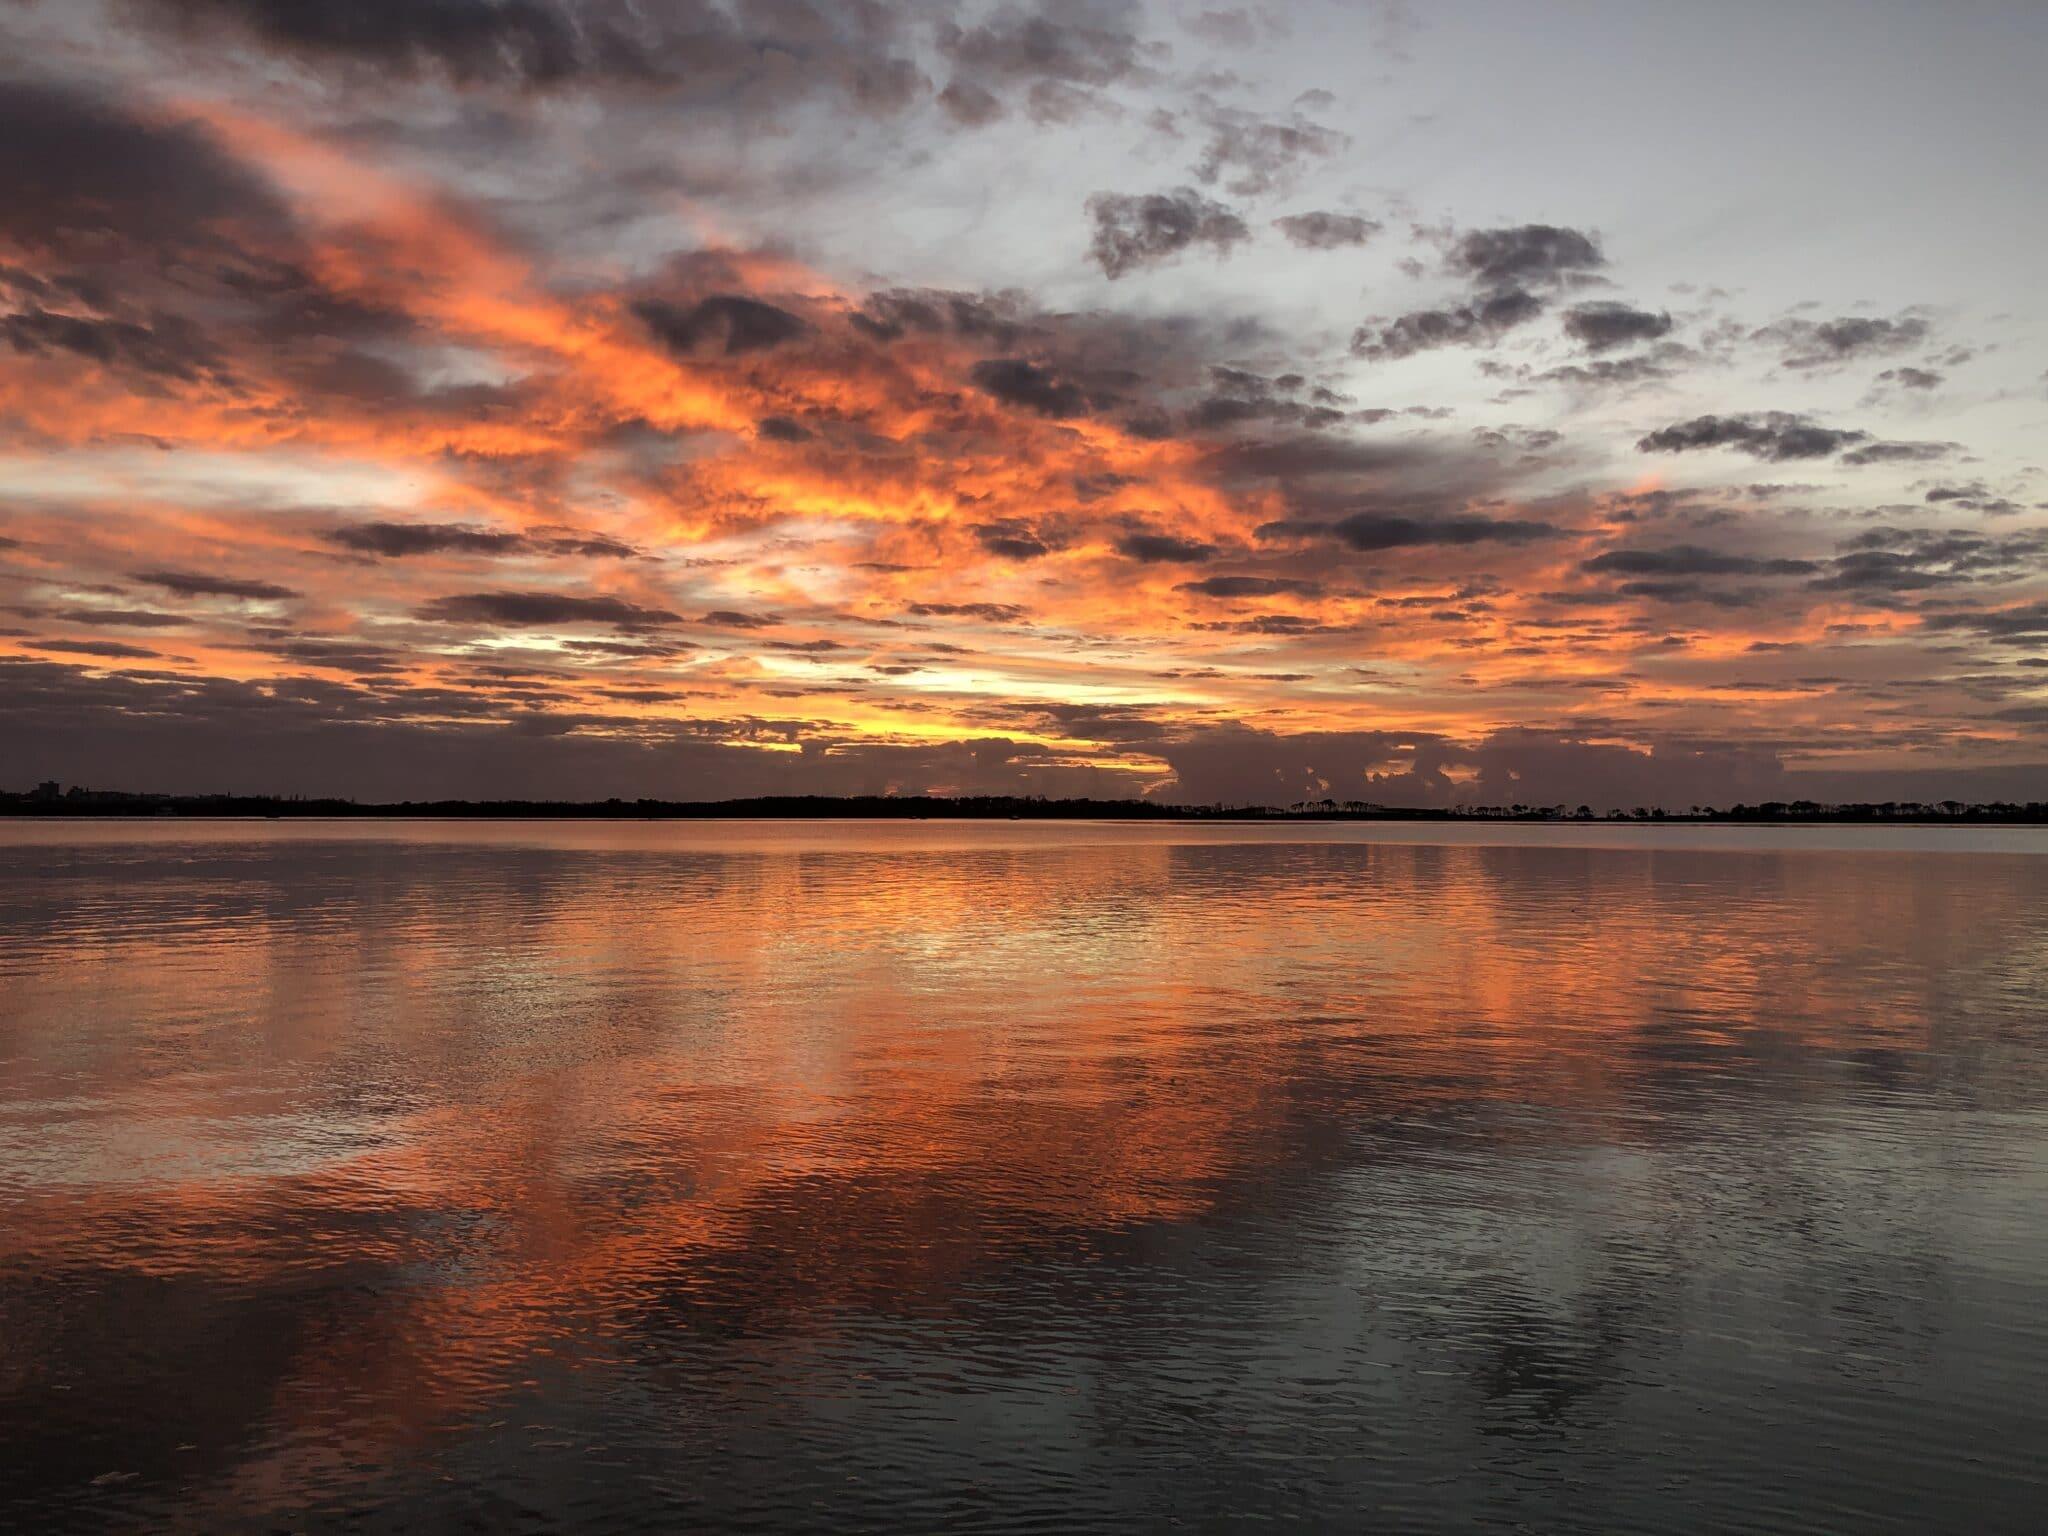 Dan Scott, Reference Photo, Dramatic Sunrise, Caloundra